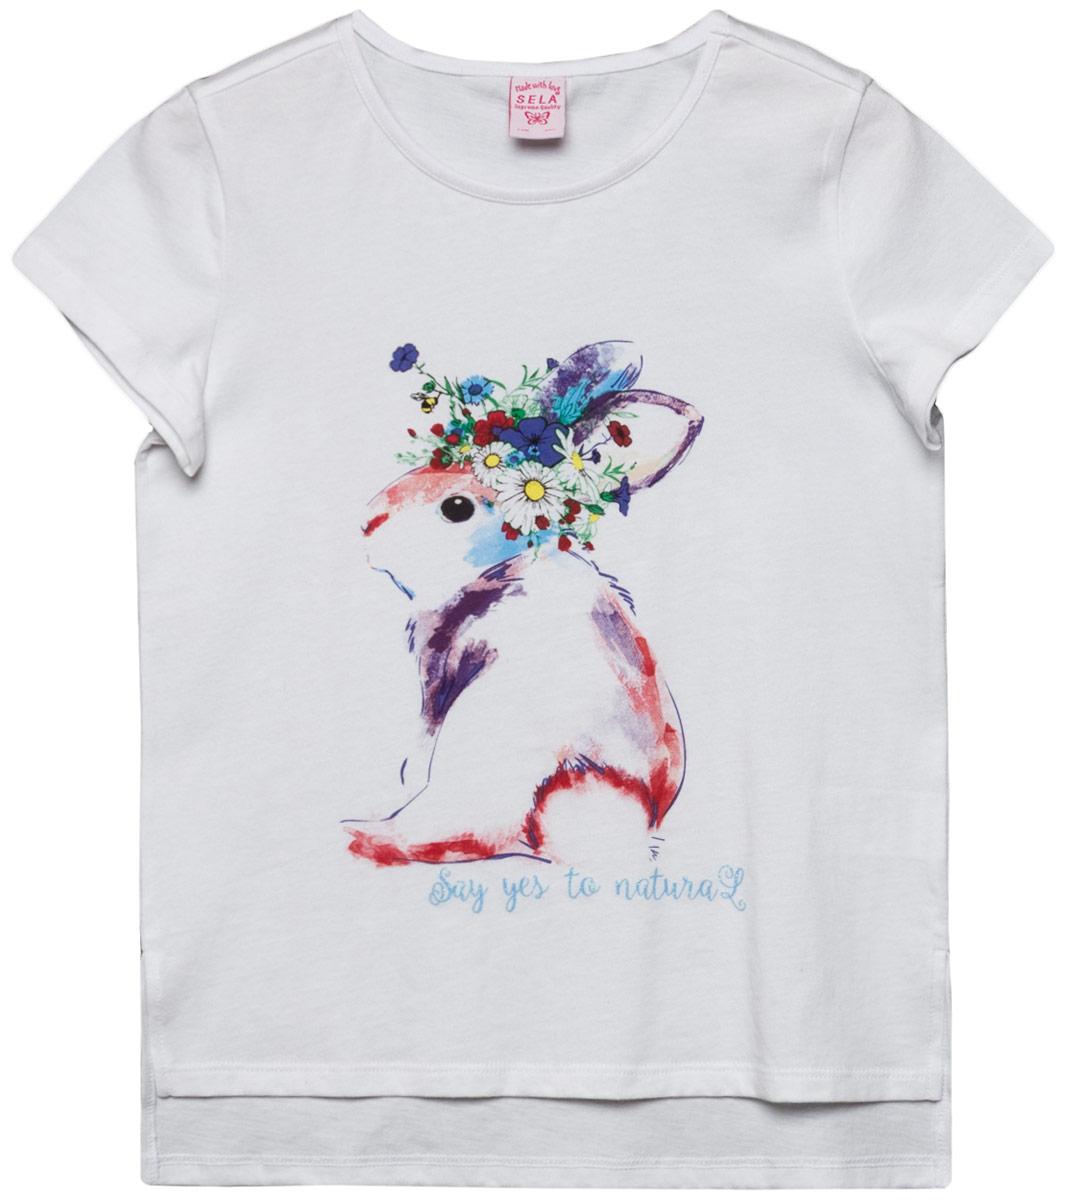 Футболка для девочки Sela, цвет: белый. Ts-611/1208-8131. Размер 152Ts-611/1208-8131Футболка для девочки выполнена из натурального хлопка. Модель с круглым вырезом горловины и короткими рукавами.